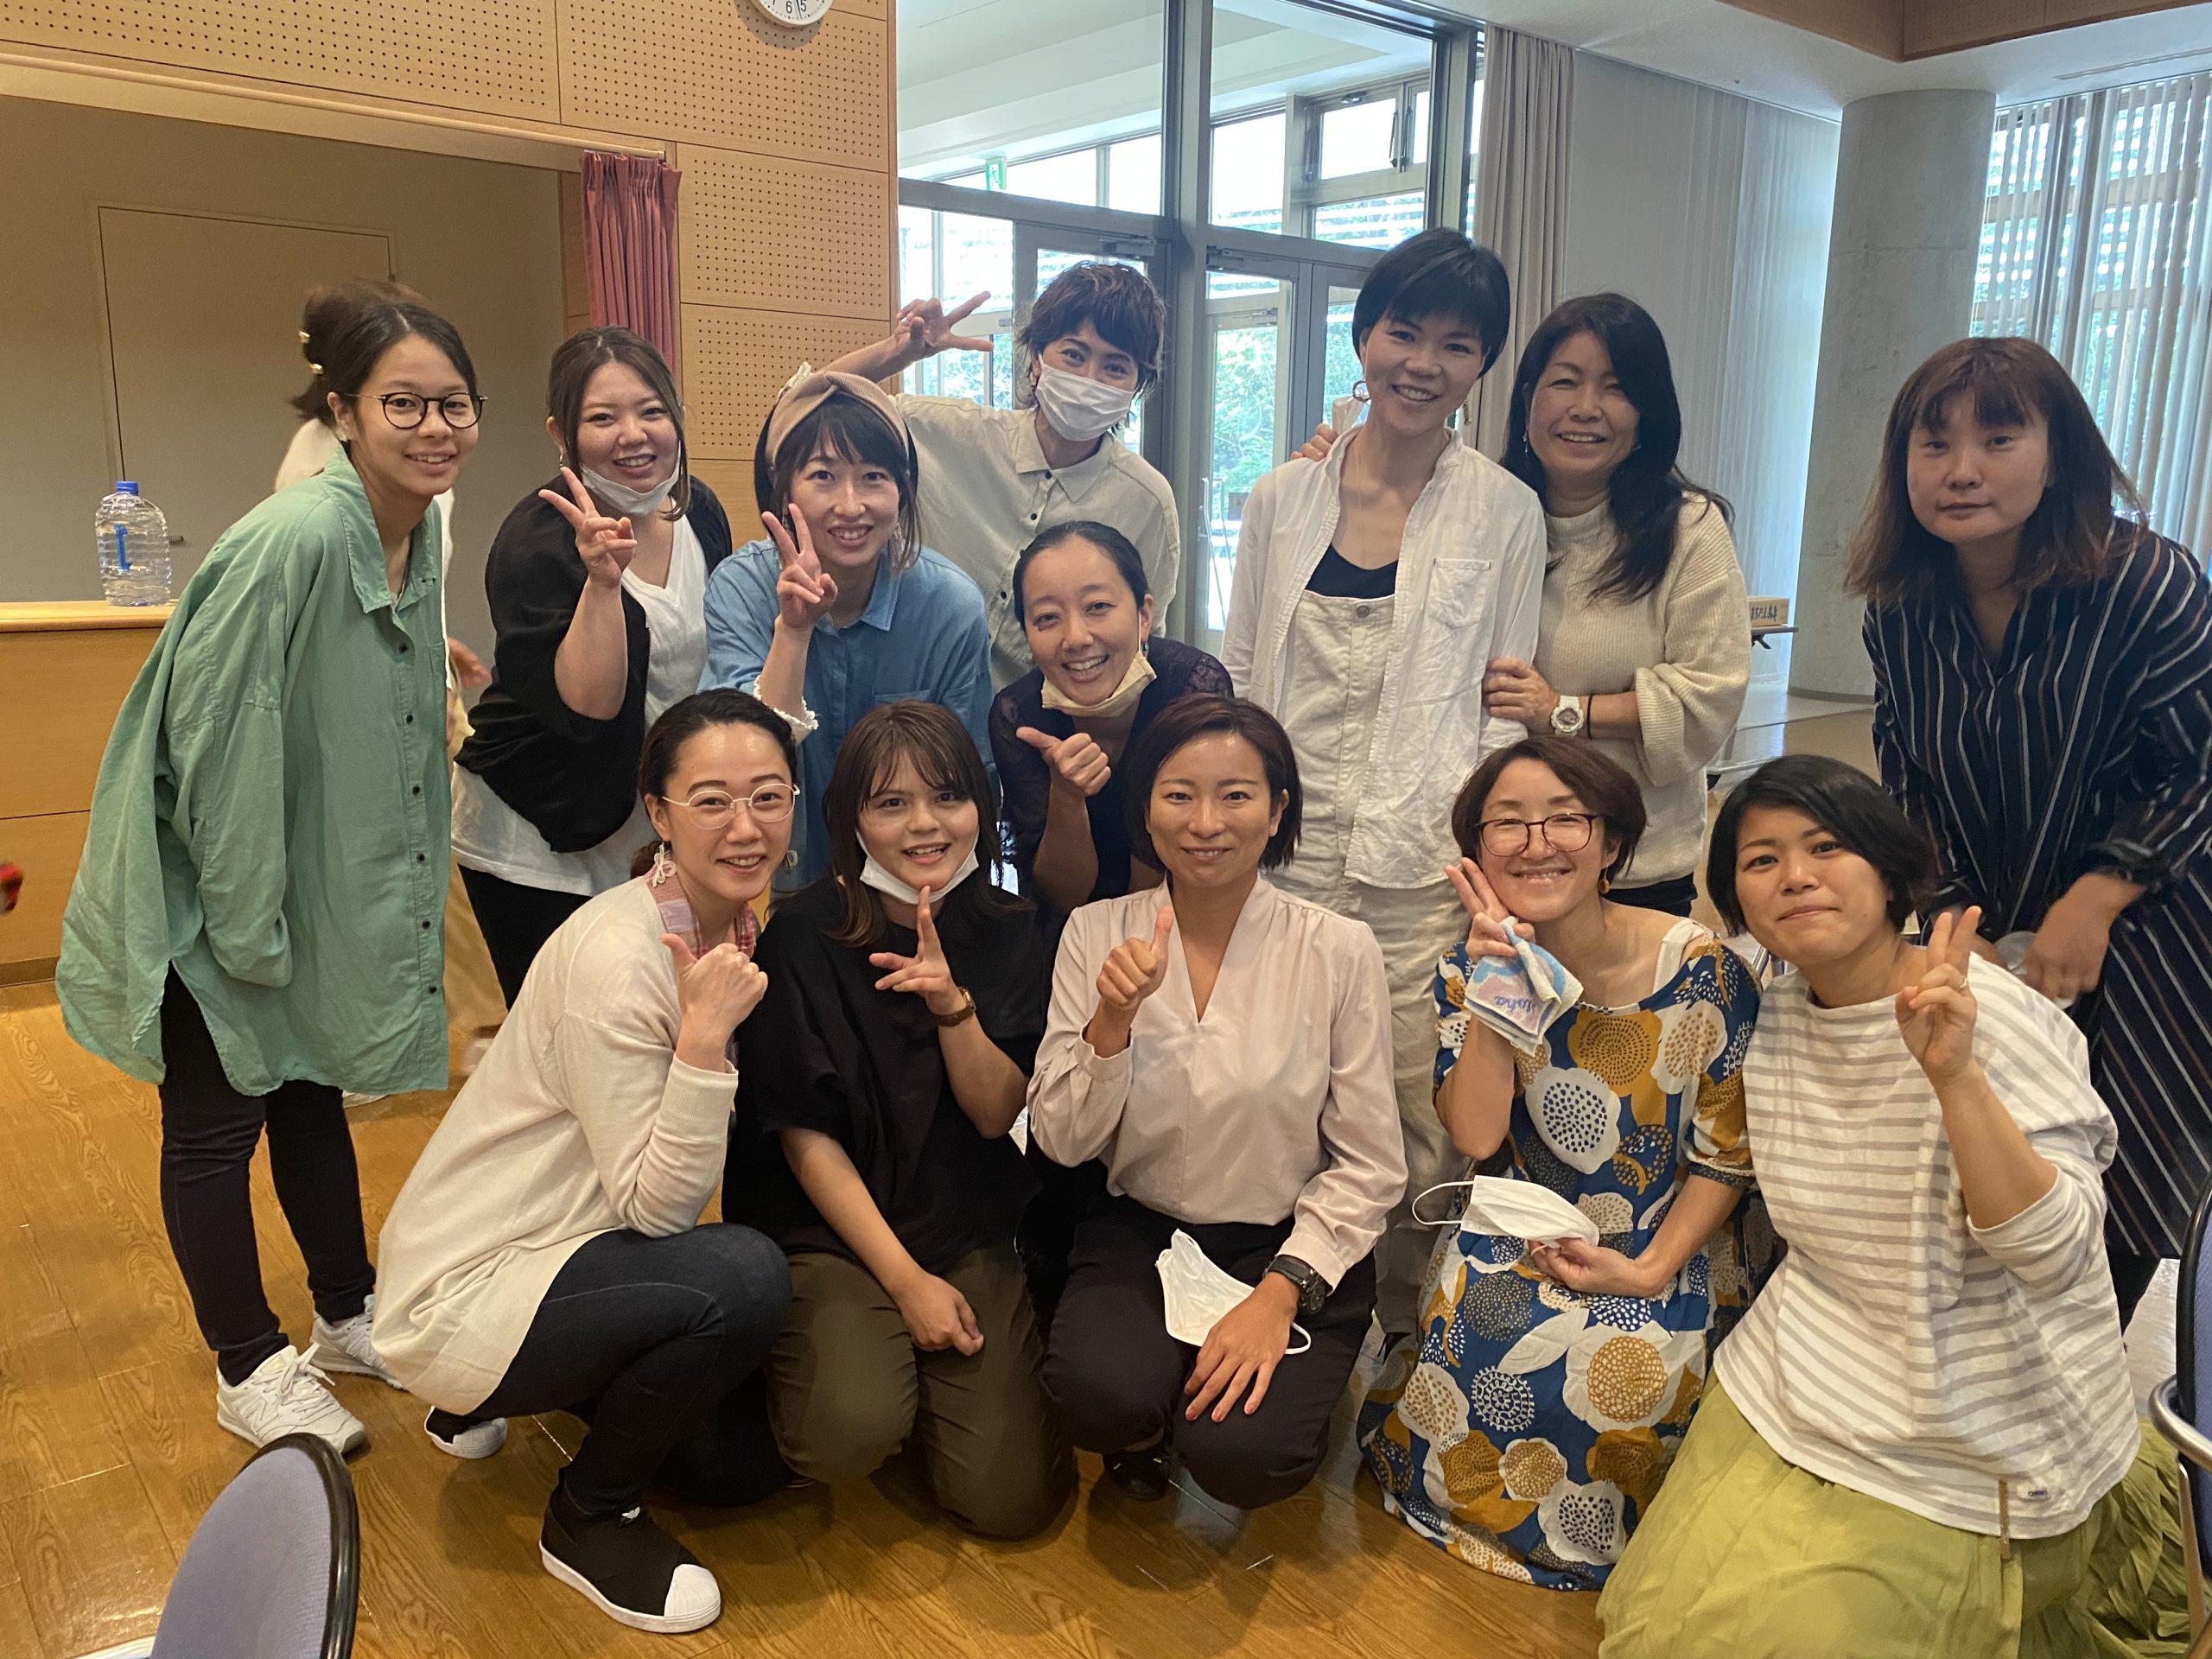 沖縄1010ハッピー3月  Aグループ感想だよん♡